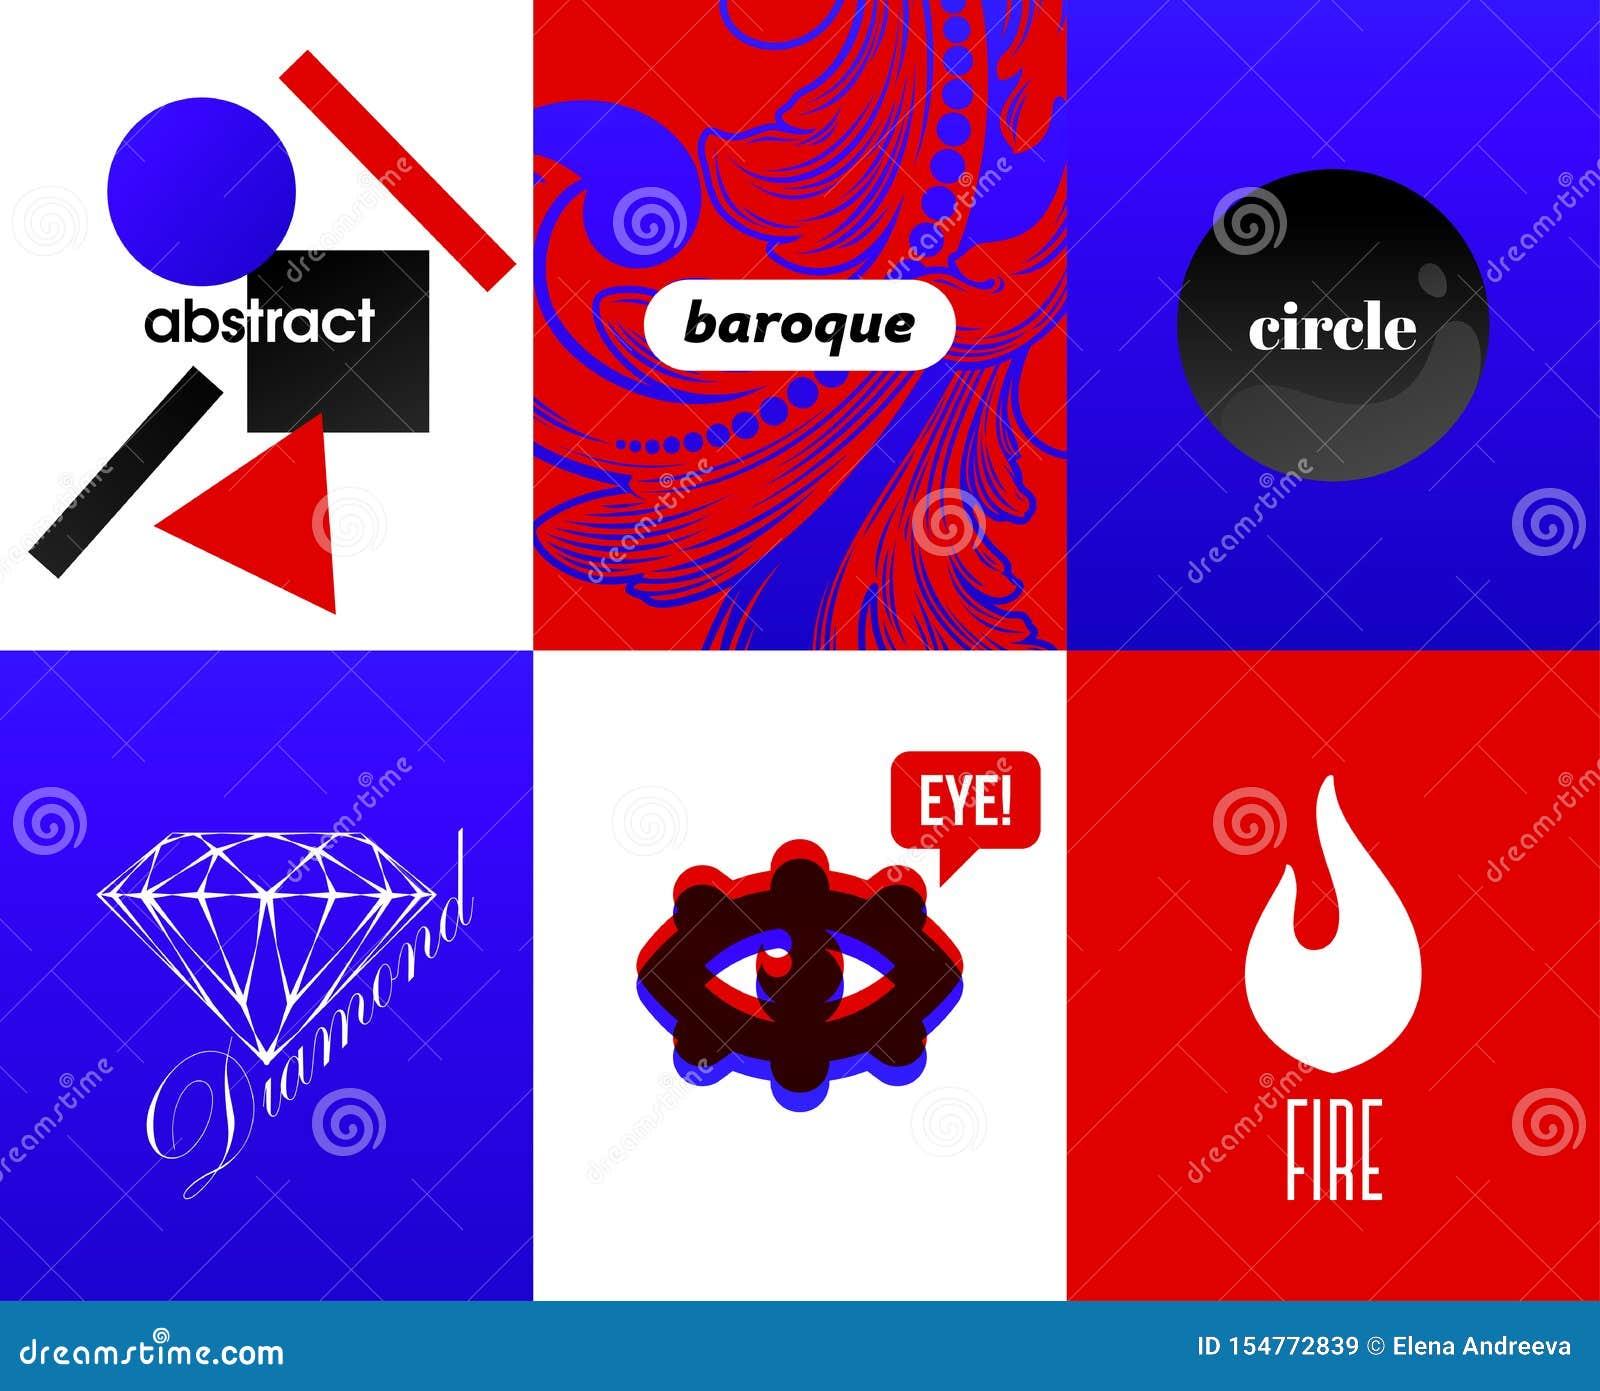 Abstrakte Abdeckungen mit modernen Gestaltungselementen und kühles typografisches auf den hellen und vibrierenden Steigungshinter